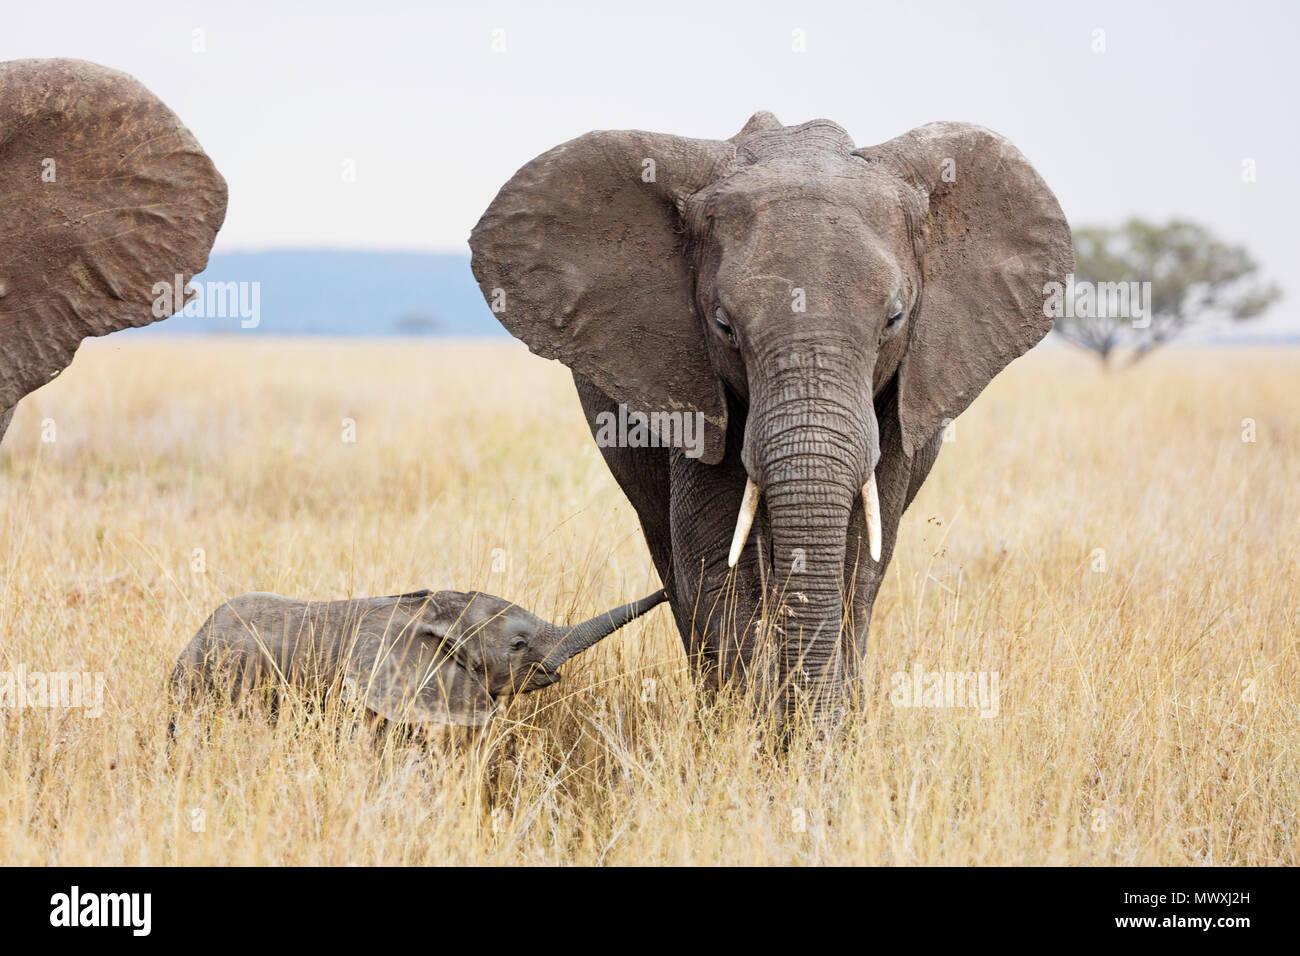 Baby elefante africano e madre (Loxodonta africana), il Parco Nazionale del Serengeti, Sito Patrimonio Mondiale dell'UNESCO, Tanzania, Africa orientale, Africa Immagini Stock